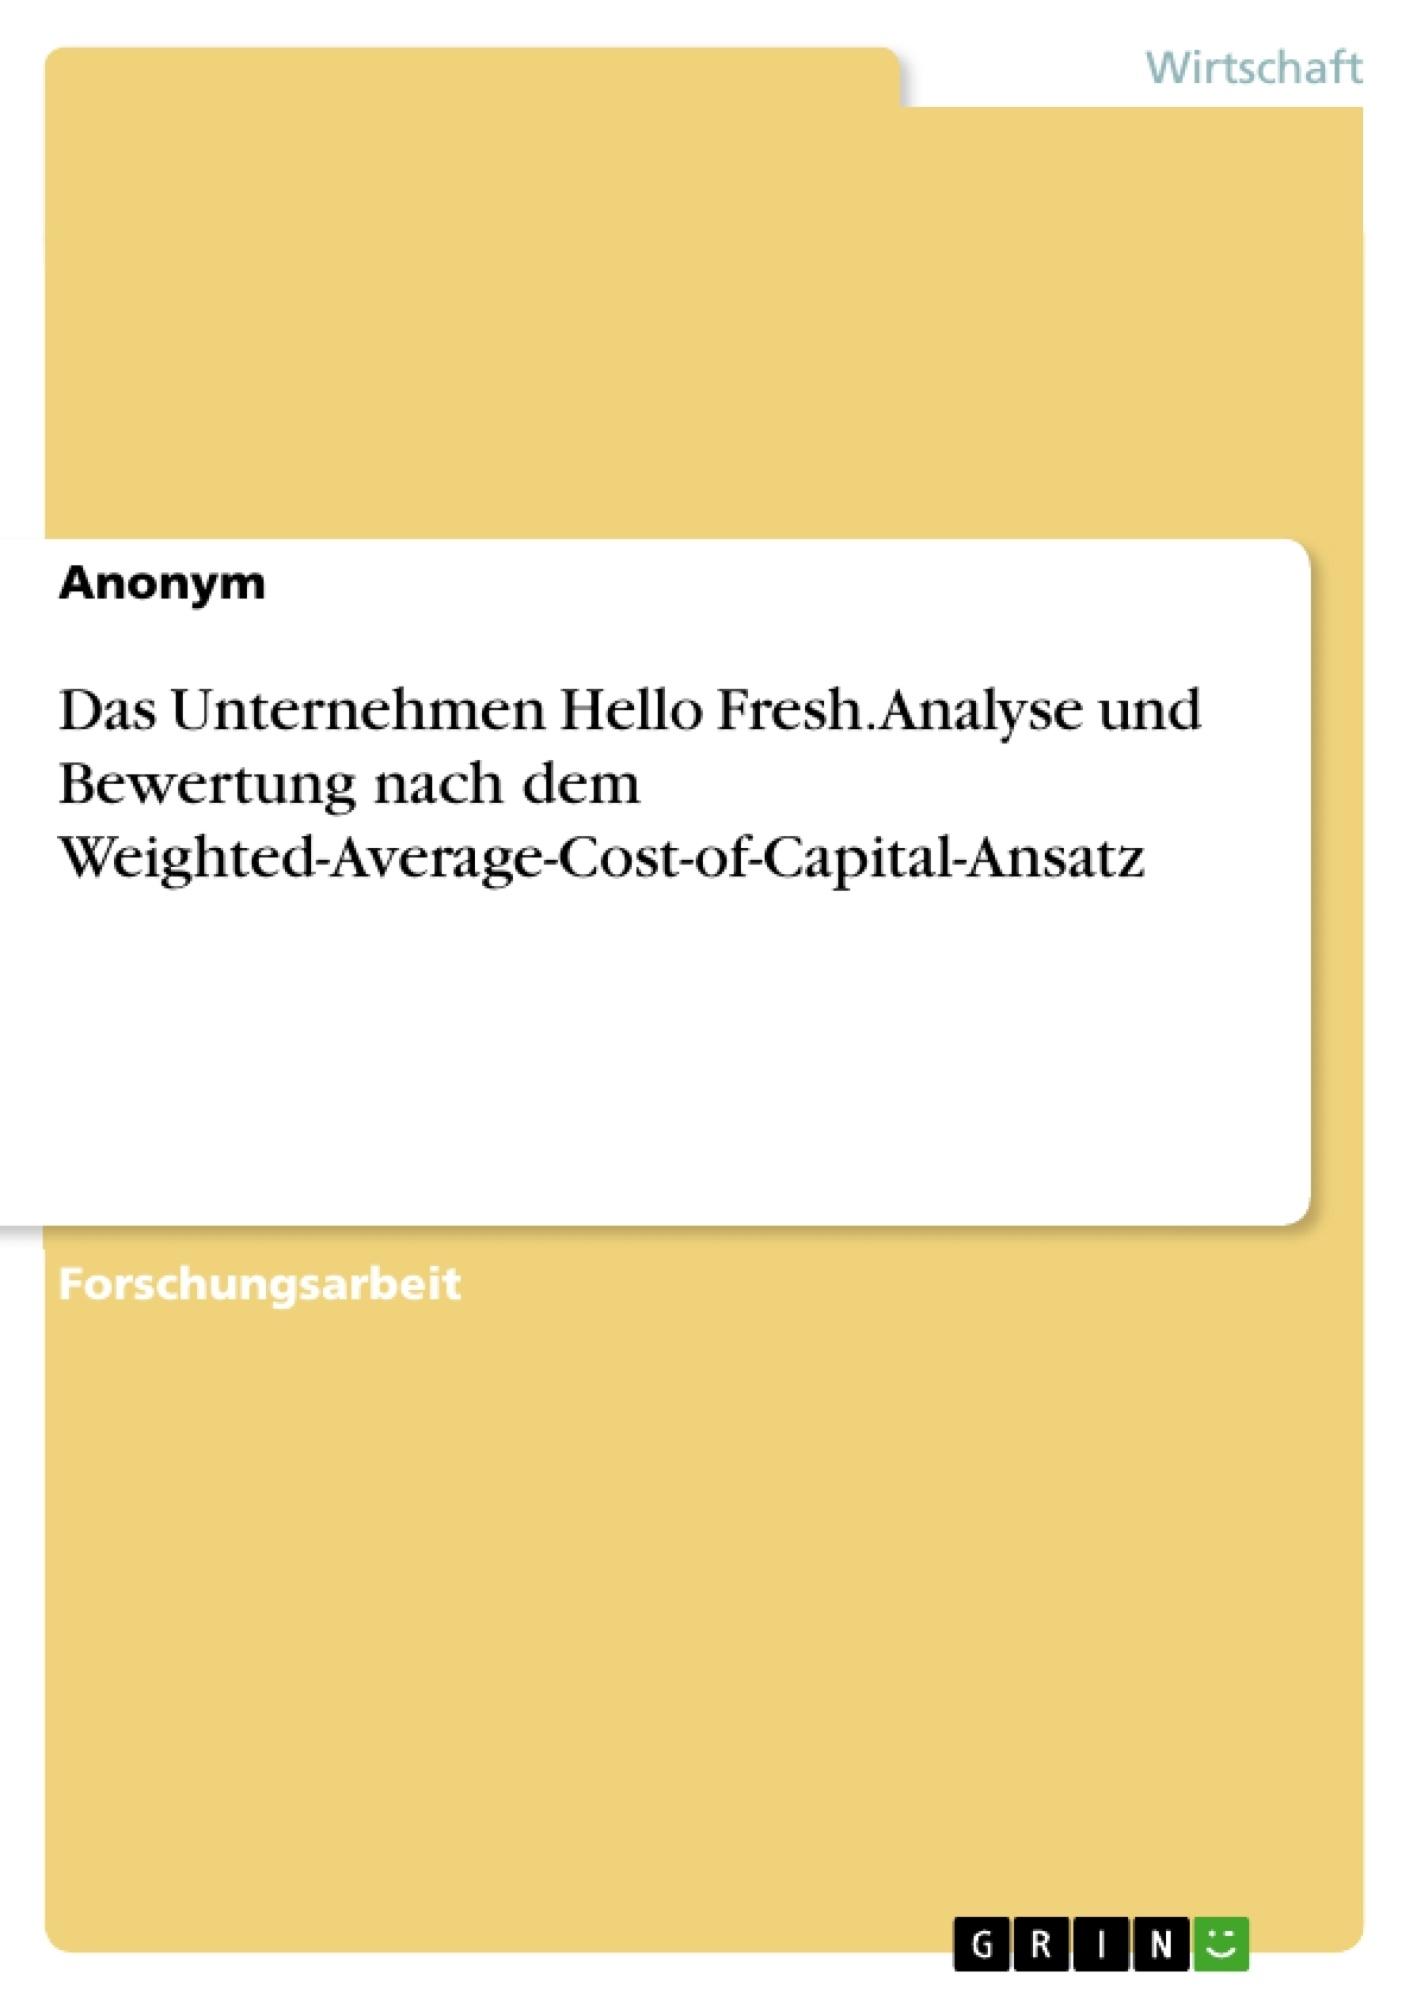 Titel: Das Unternehmen Hello Fresh. Analyse und Bewertung nach dem Weighted-Average-Cost-of-Capital-Ansatz